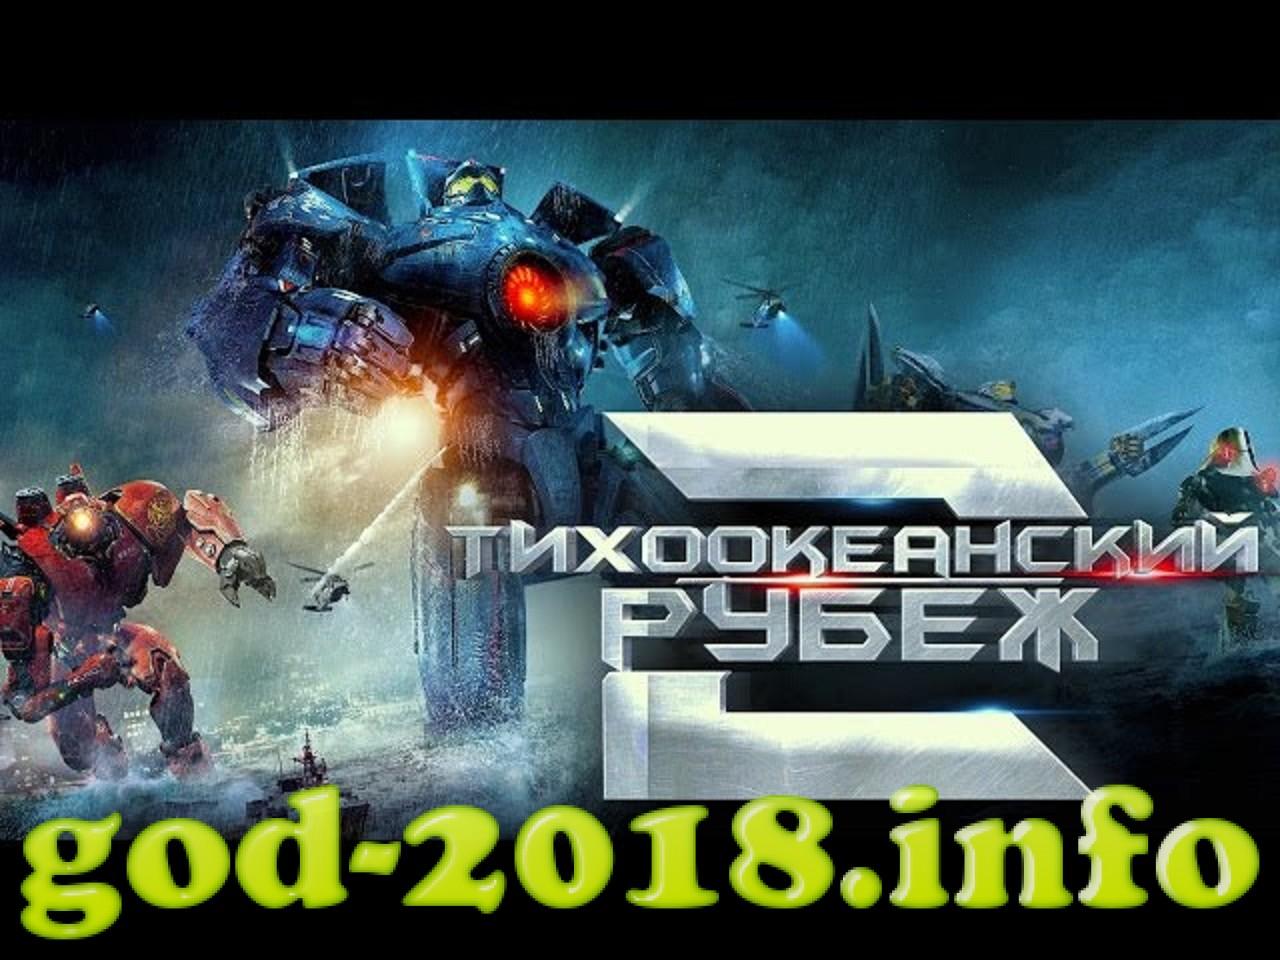 tihookeanskij-rubezh-2-ozhidaem-film-v-2018-godu-6